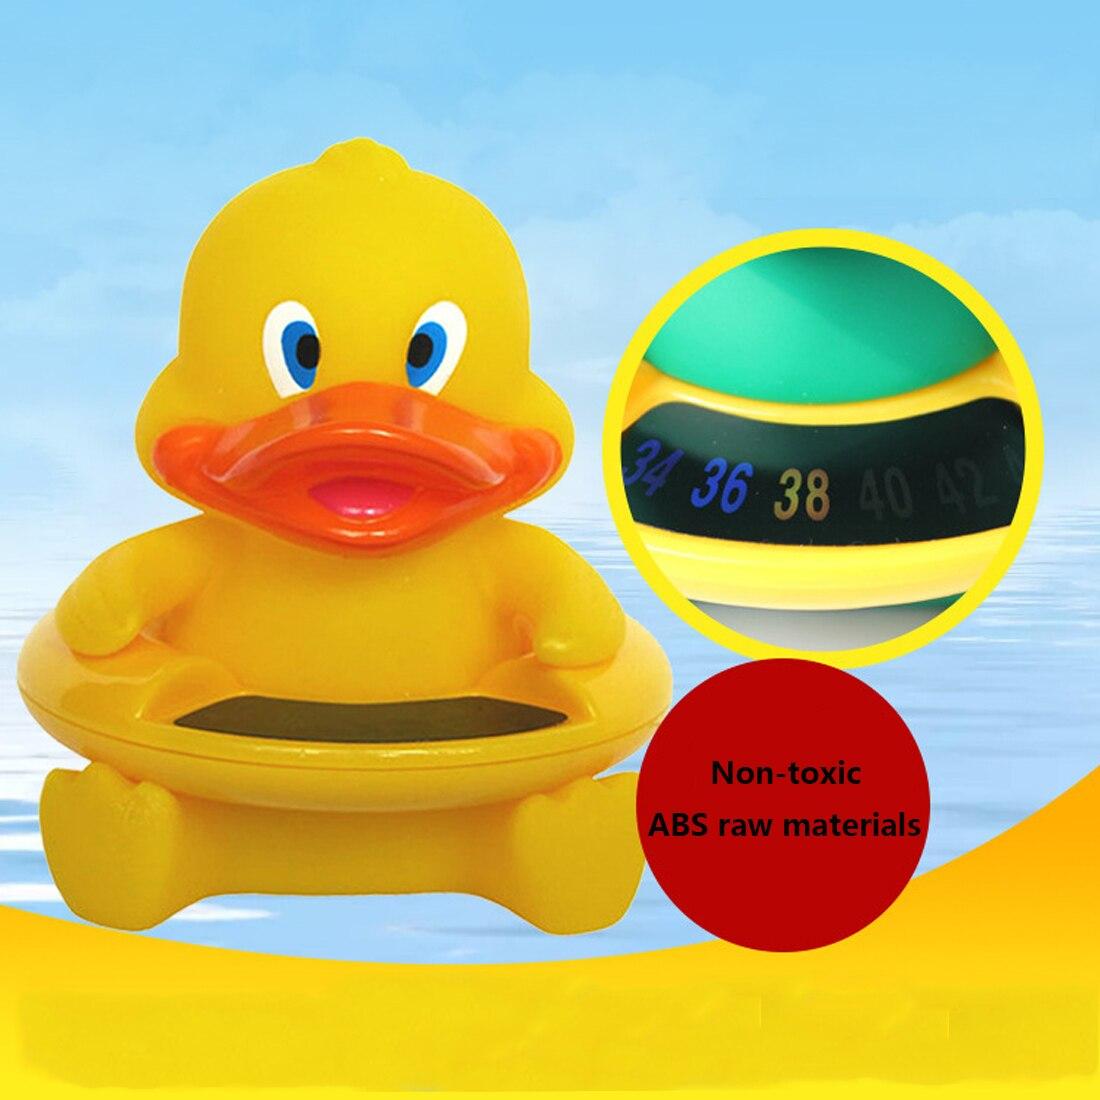 2019 Neuestes Design Baby Wasser Thermometer Badewanne Kleinkind Dusche Sensor Thermometer Kleinkinder Kunststoff Temperatur Messung Kind Schwimm Bade Pflege MöChten Sie Einheimische Chinesische Produkte Kaufen?